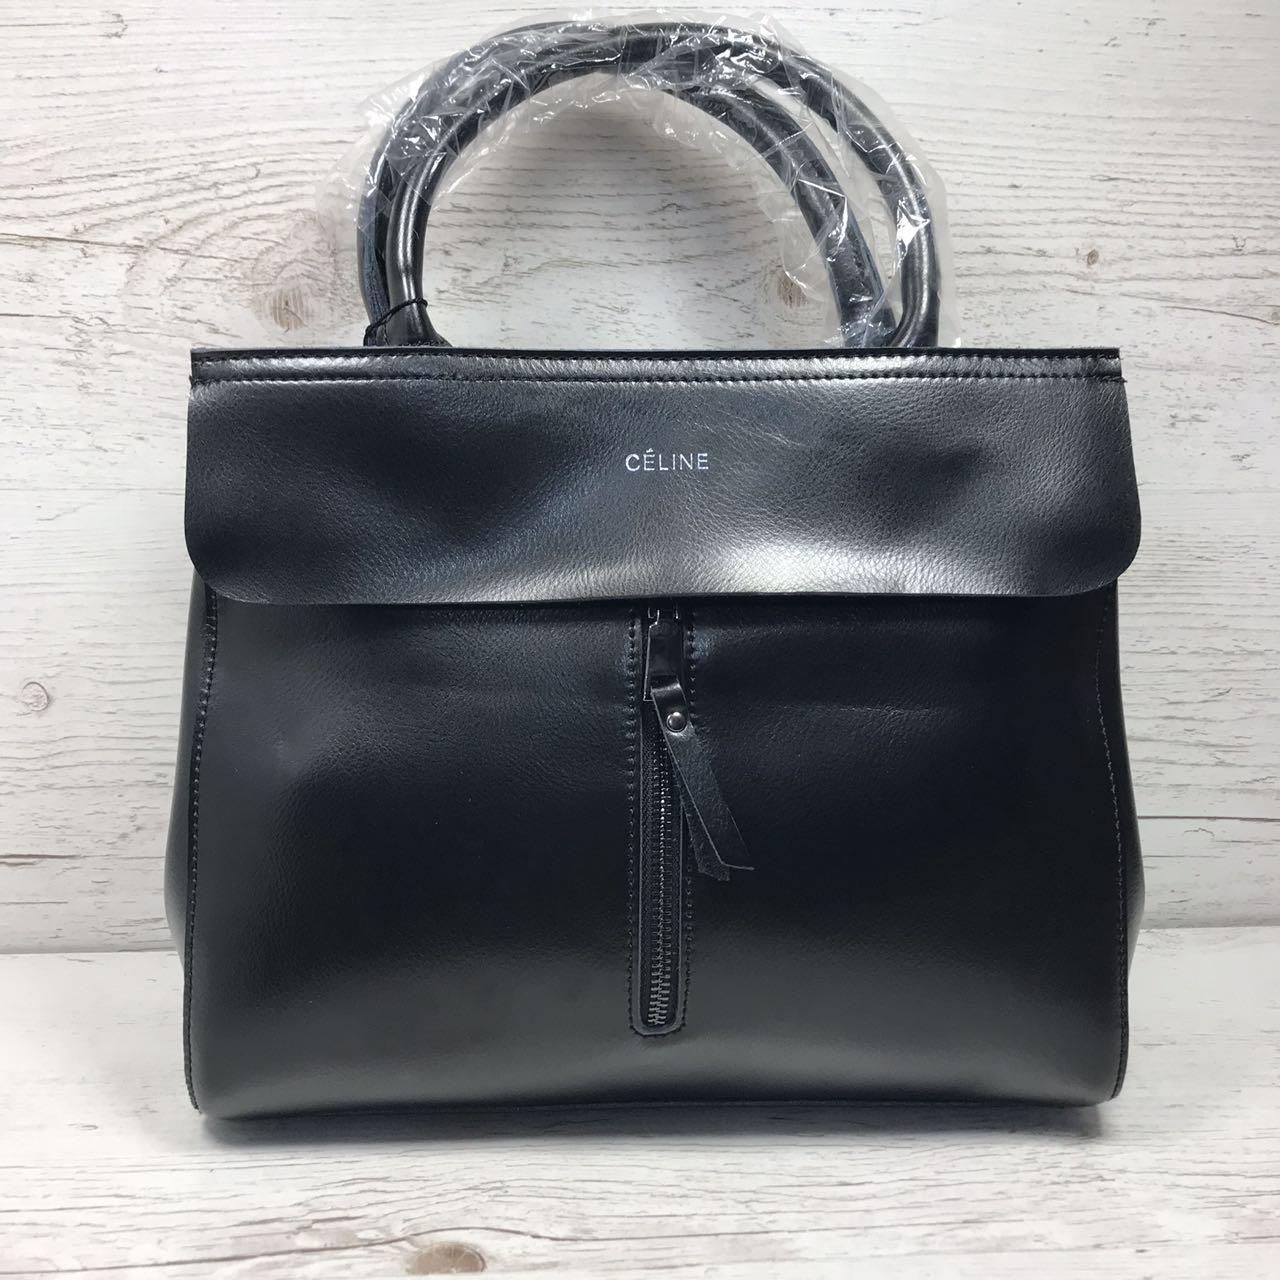 9ed21bd99021 Женская кожаная сумка в стиле Celine (Селин): продажа, цена в Киеве. женские  сумочки и клатчи от